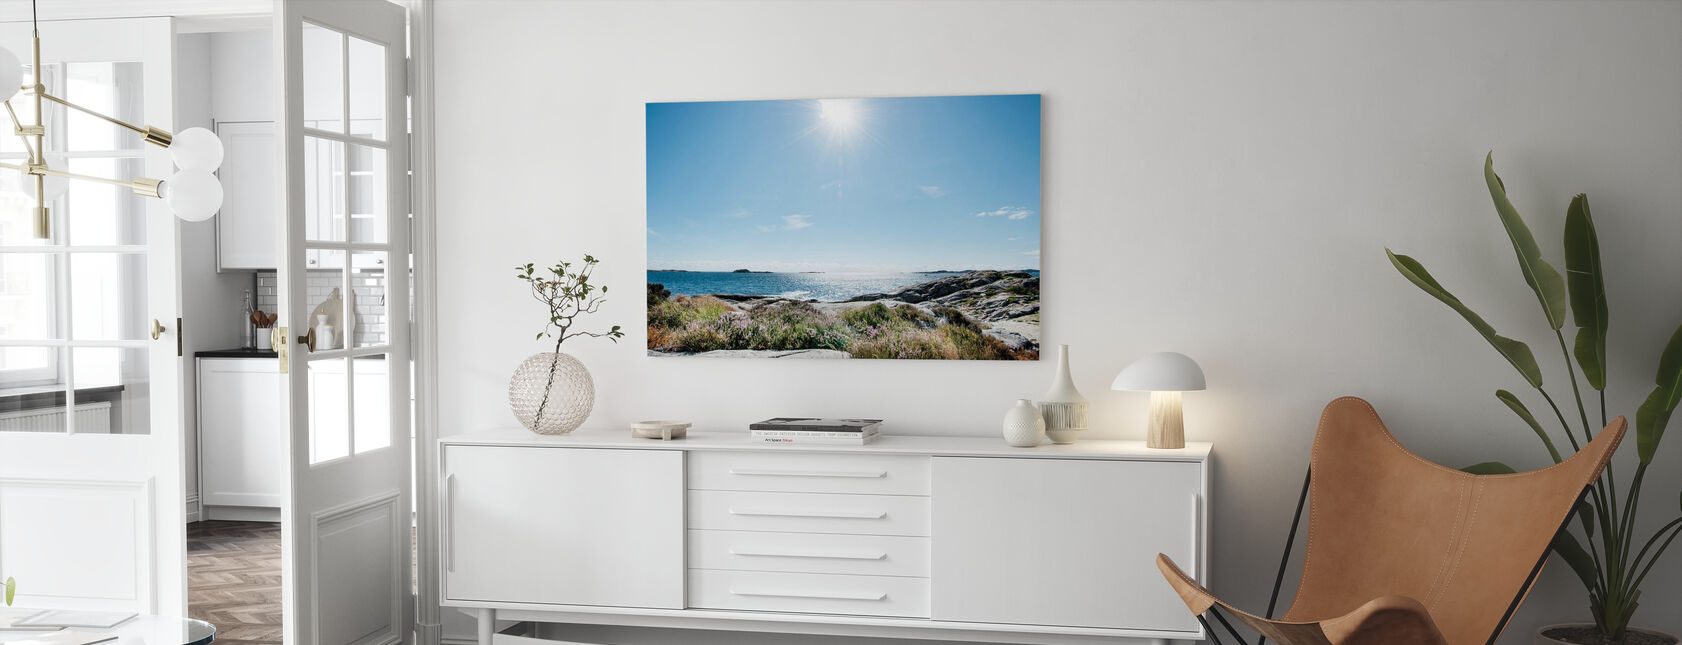 Hav i sterkt sollys, Sør-Norge - Lerretsbilde - Stue